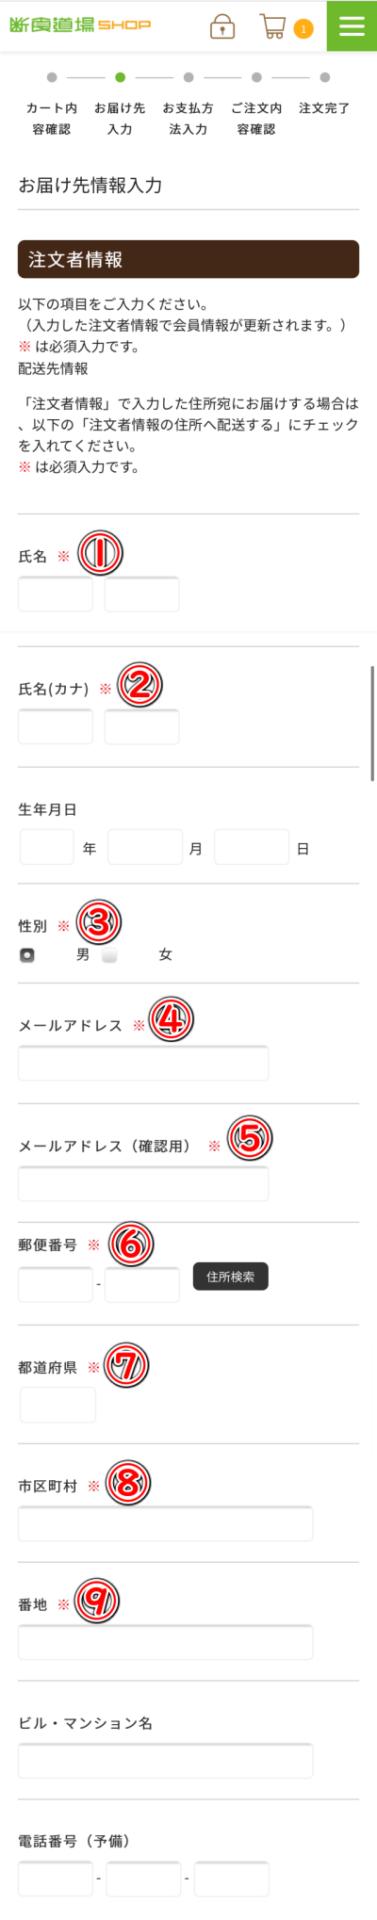 優光泉(ゆうこうせん)酵素の定期購入の手順2a